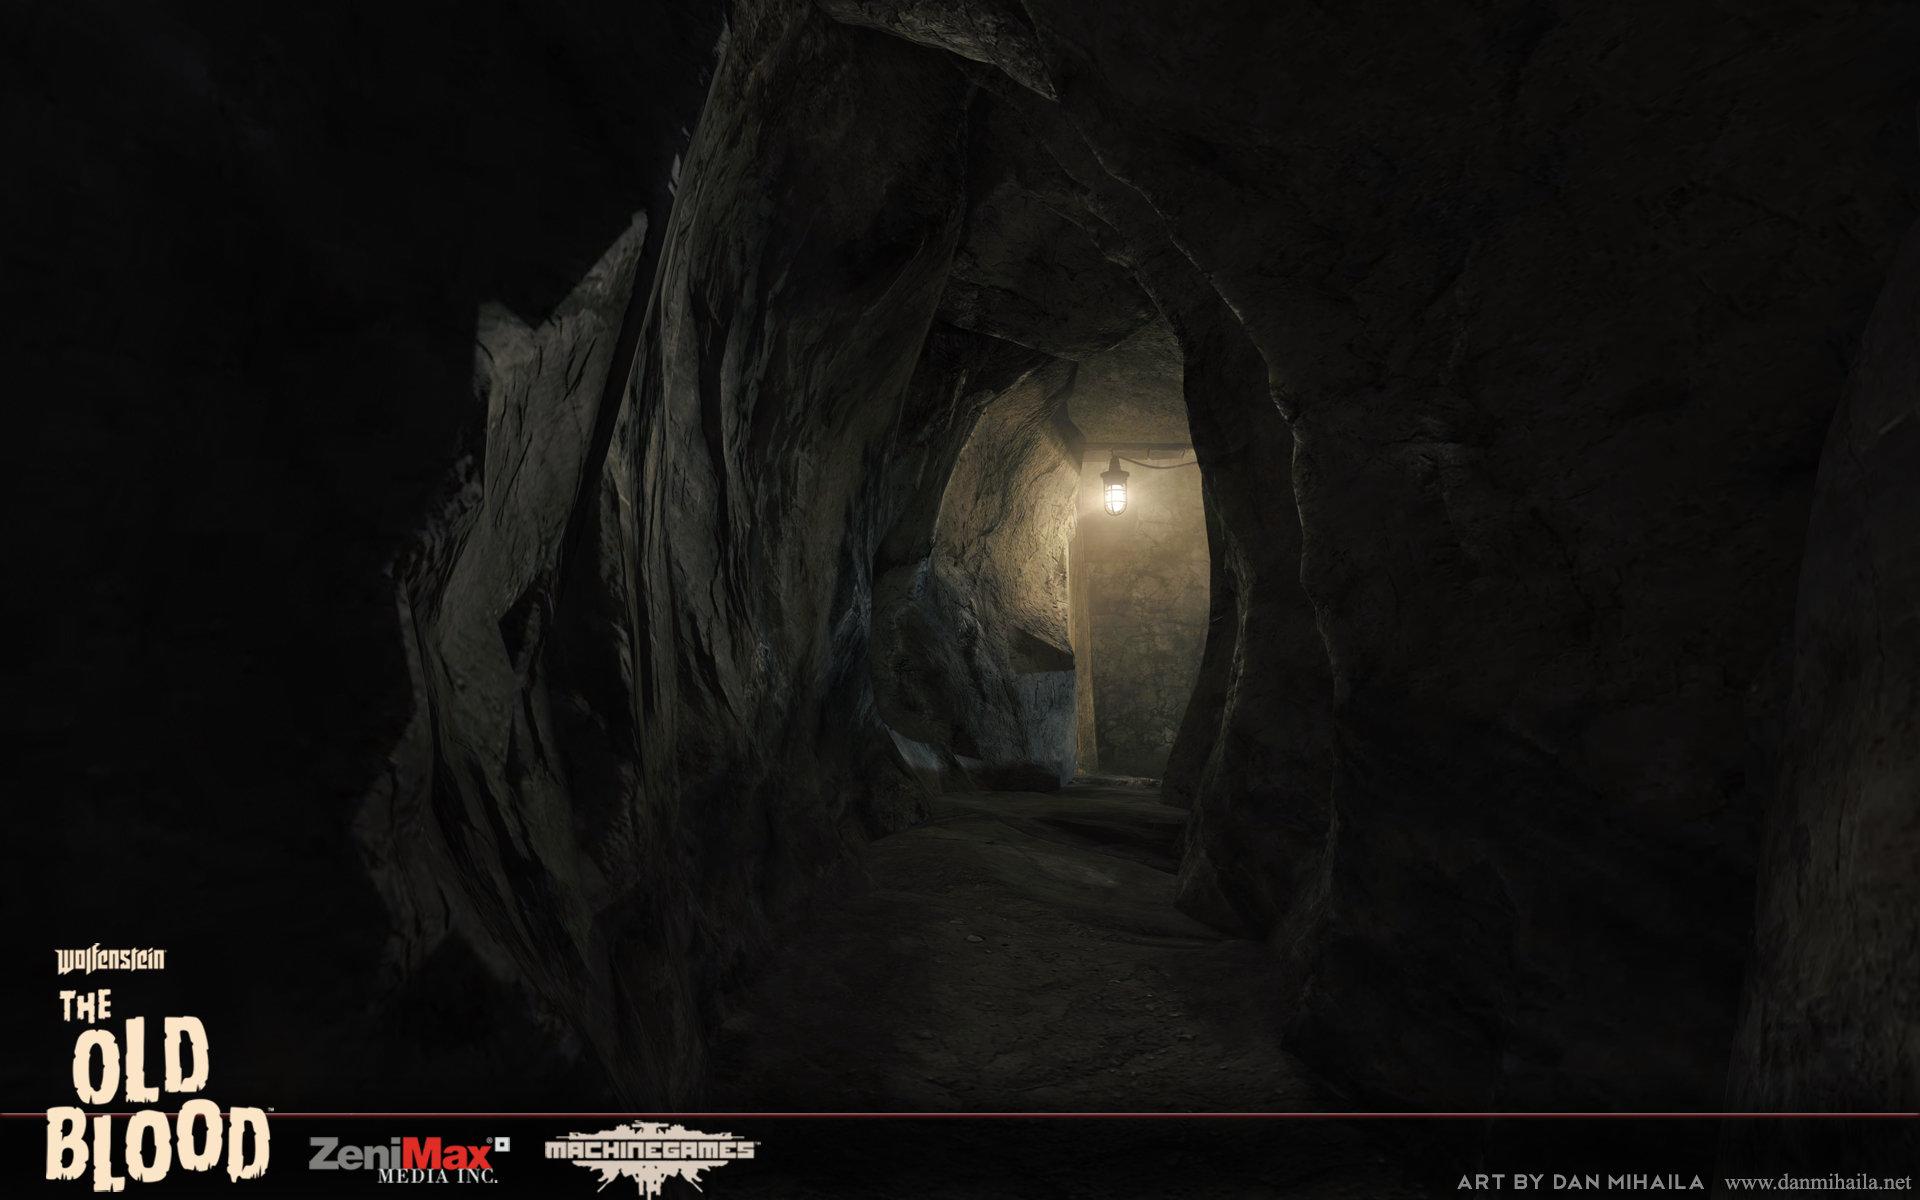 dan-mihaila-ob-catacombs03.jpg?1439228723